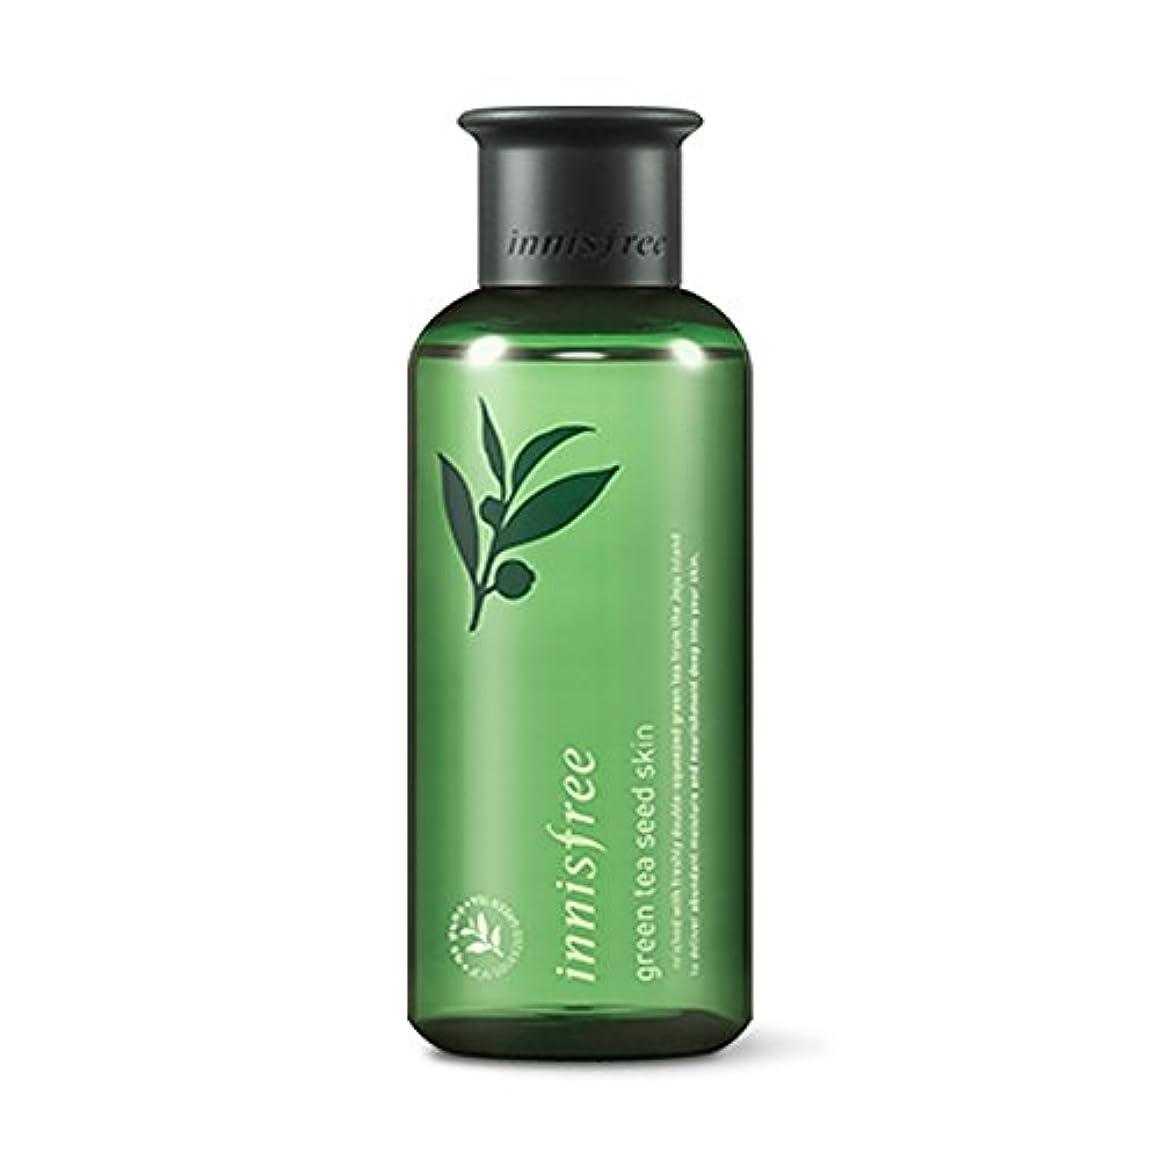 イニスフリーグリーンティーシードスキン(トナー)200ml「2018新製品」 Innisfree Green Tea Seed Skin(Toner) 200ml